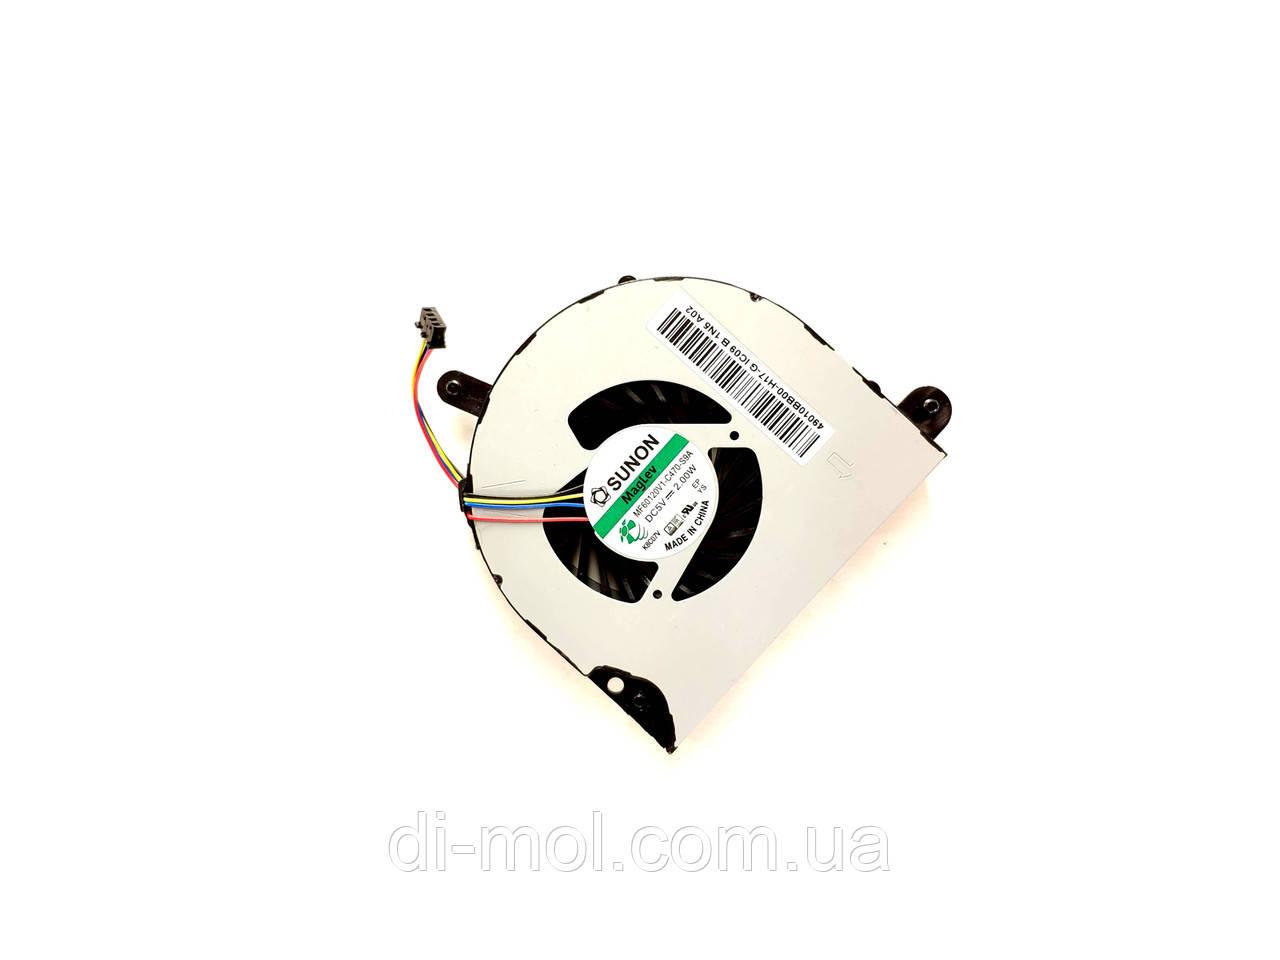 Вентилятор для ноутбука HP Probook 6560B, 6565B, 8560, 8560B, 8560W, 8560P series, 4-pin